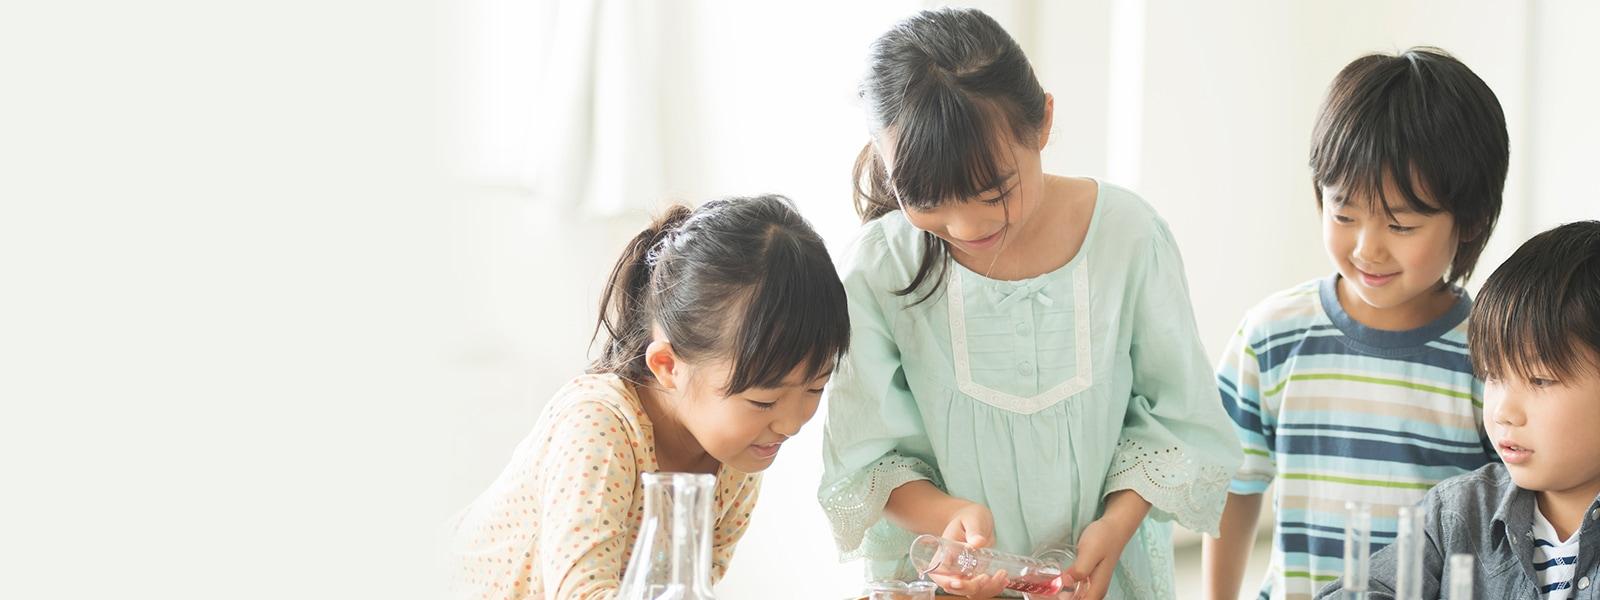 イメージ: 科学実験をする子どもたち